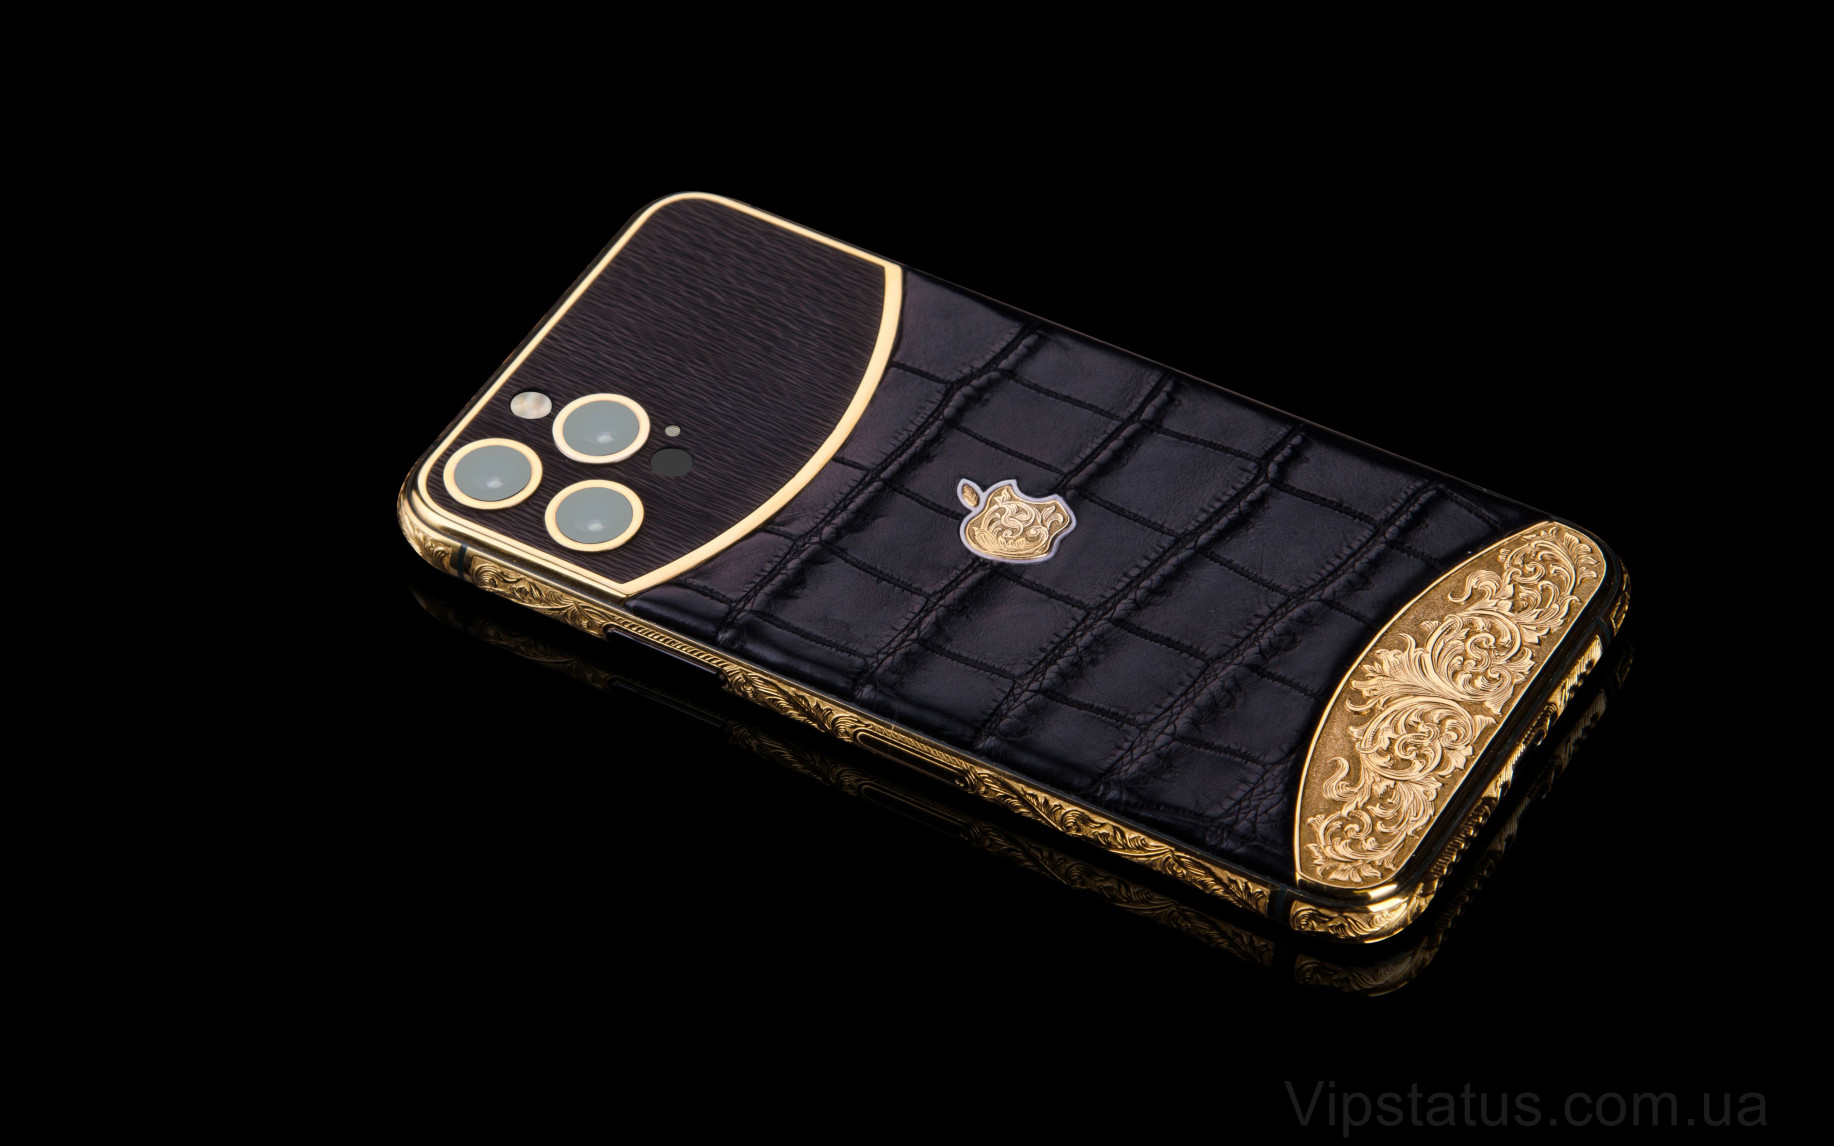 Elite Black Edition IPHONE 12 PRO MAX 512 GB Black Edition IPHONE 12 PRO MAX 512 GB image 3